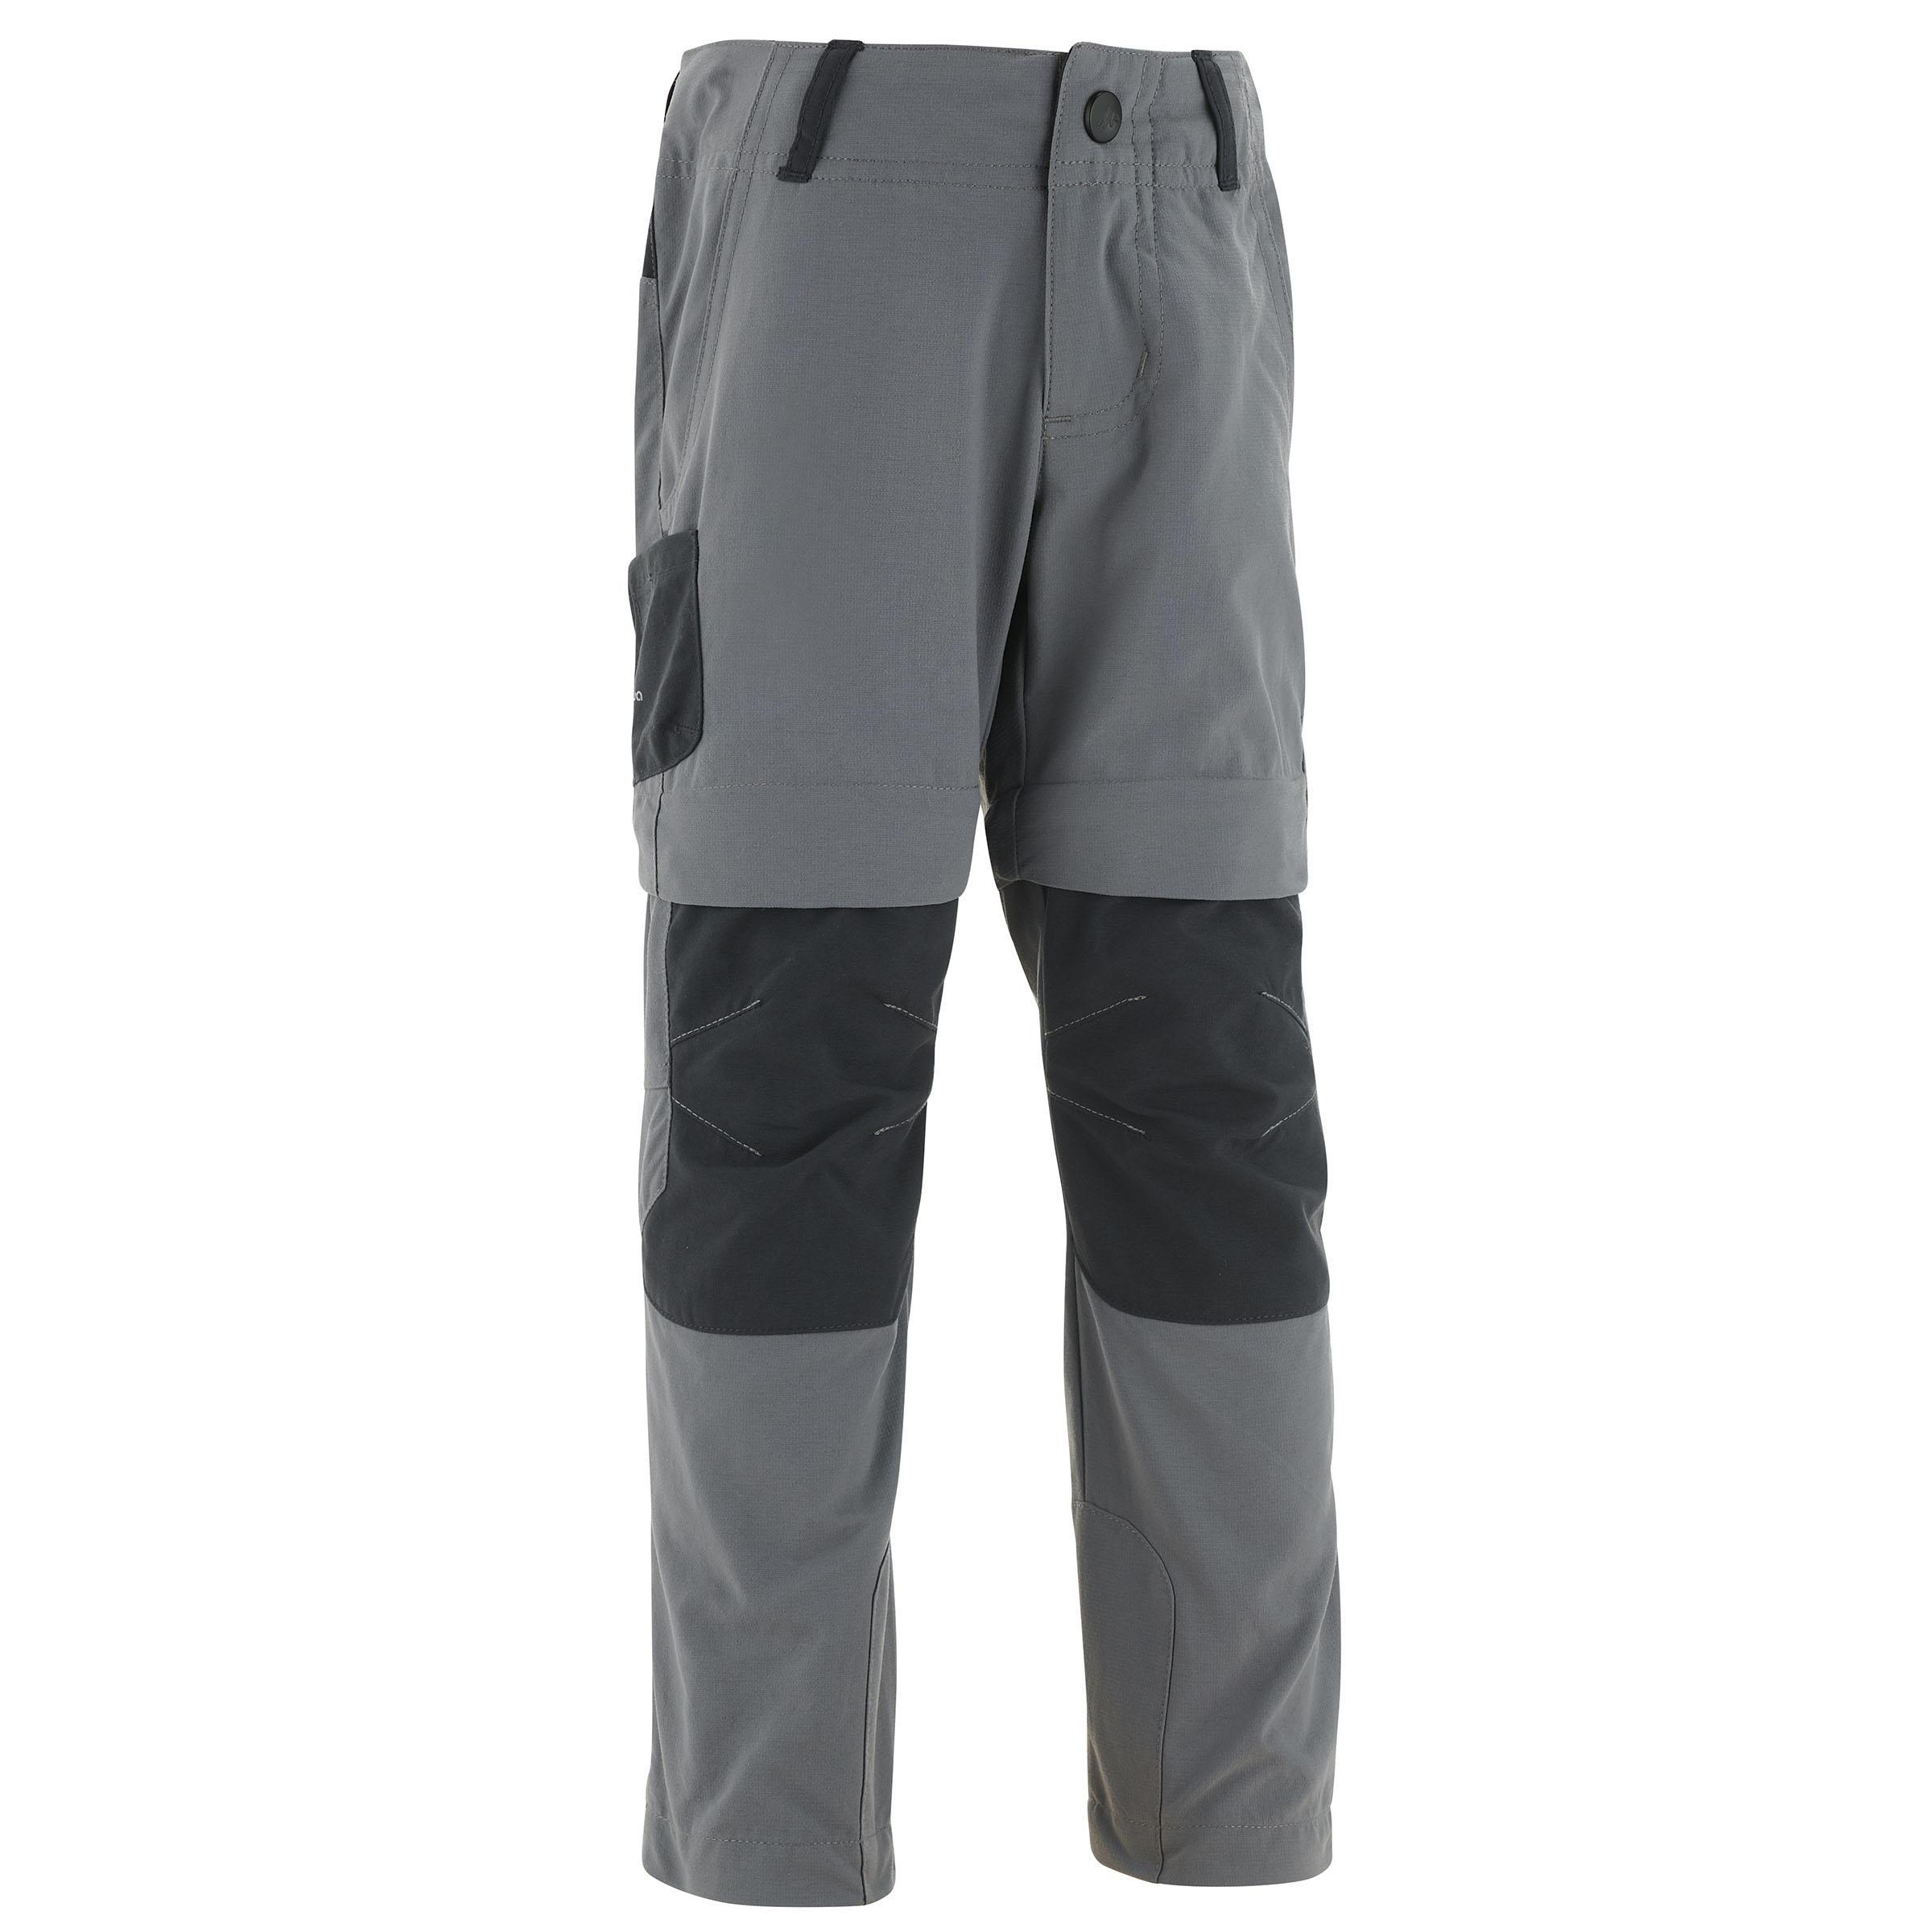 Pantalón transformable de senderismo júnior MH550 KID gris